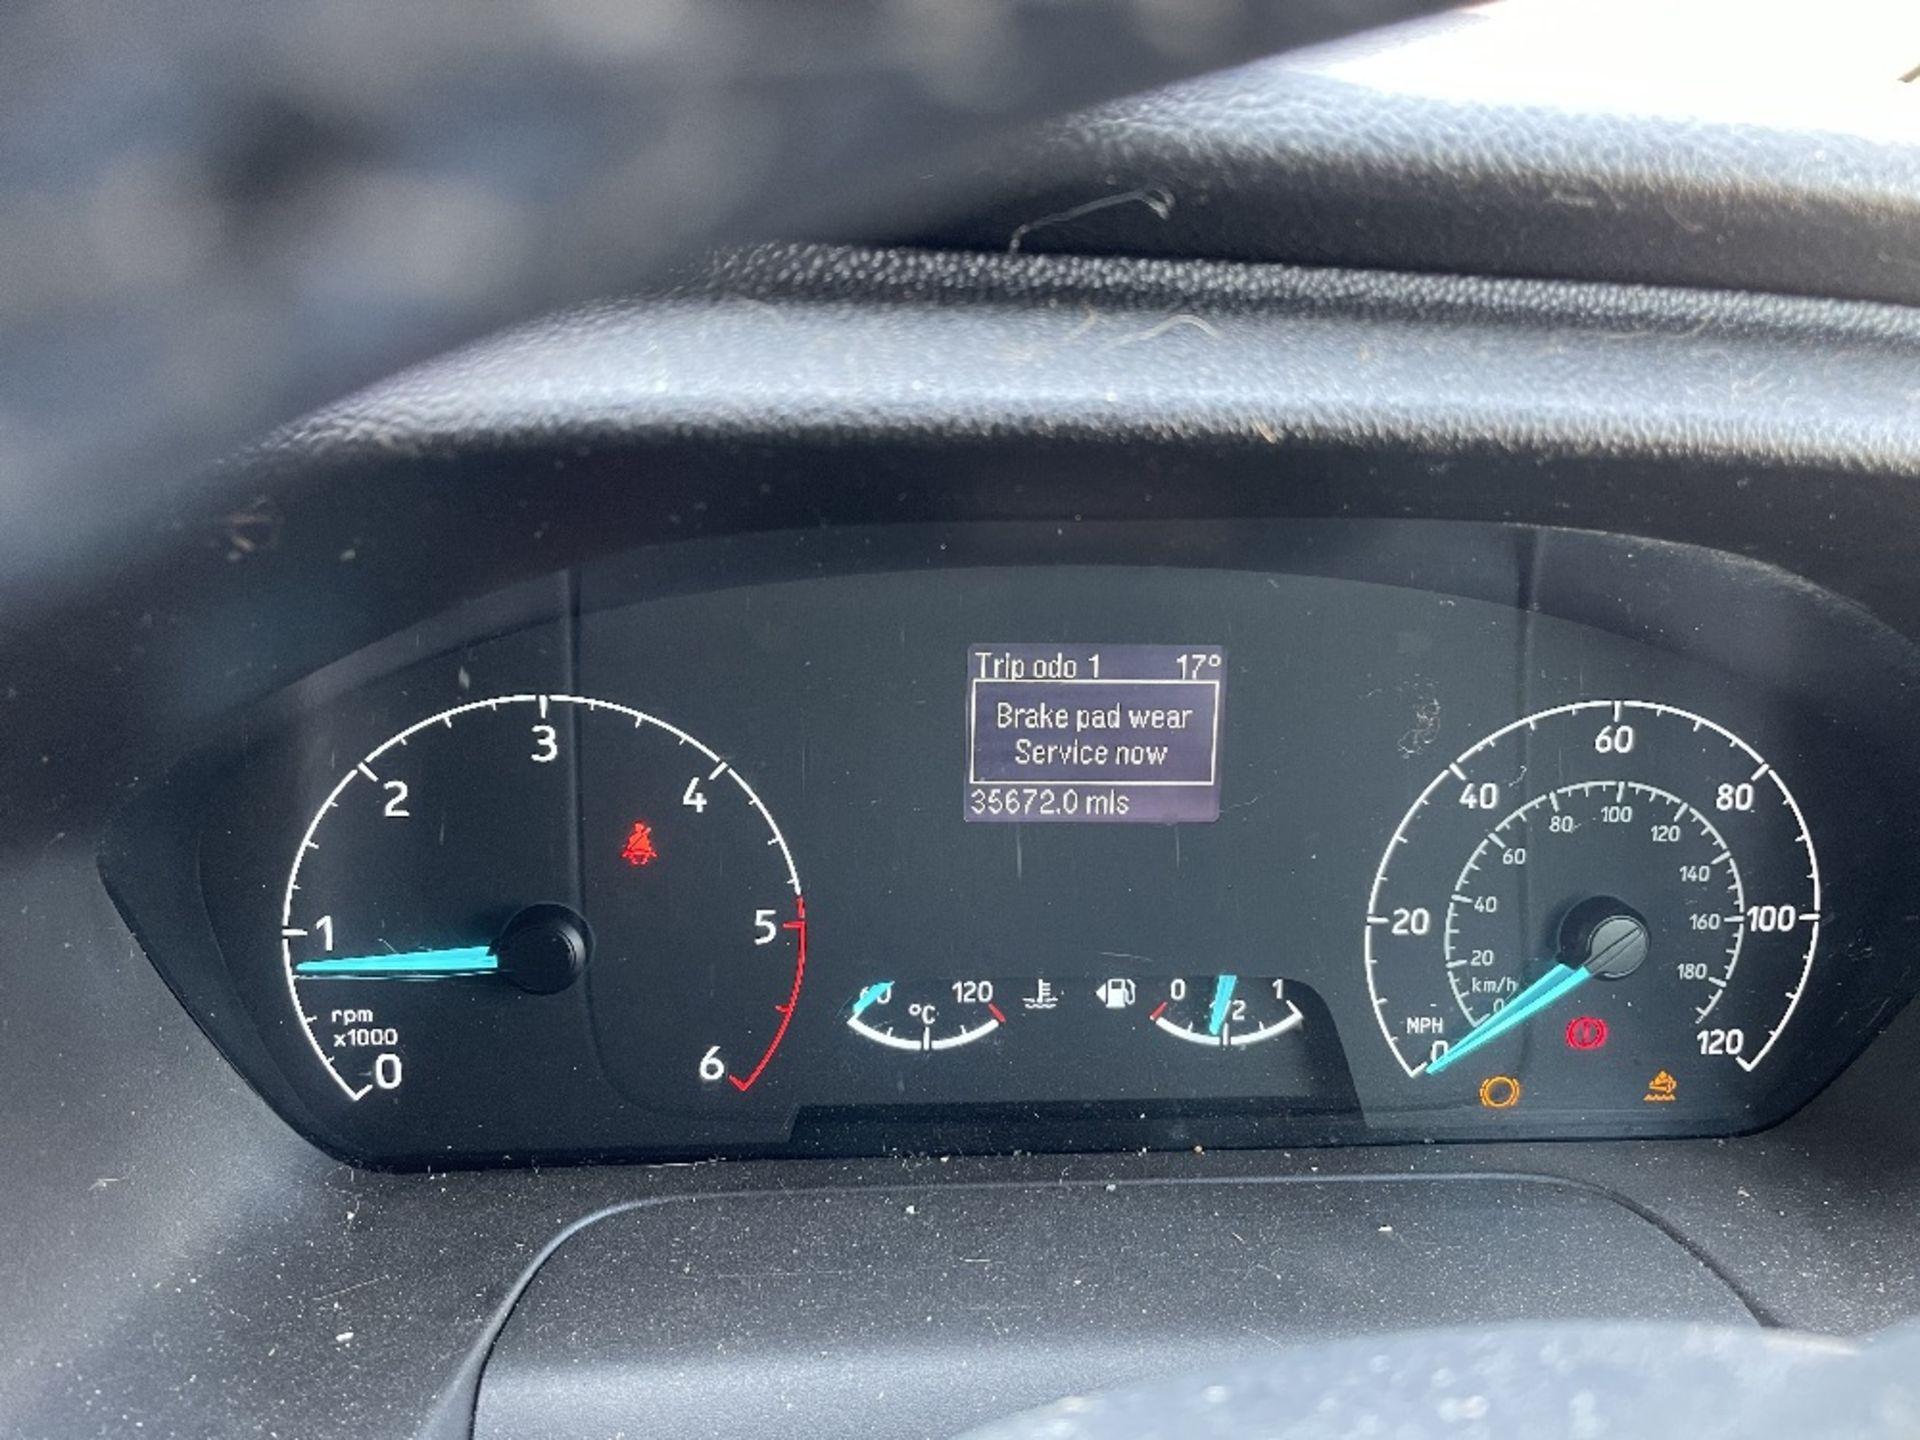 Ford Transit Custom 300 Limite Diesel Panel Van | 18 Plate | 35,672 Miles - Image 13 of 15